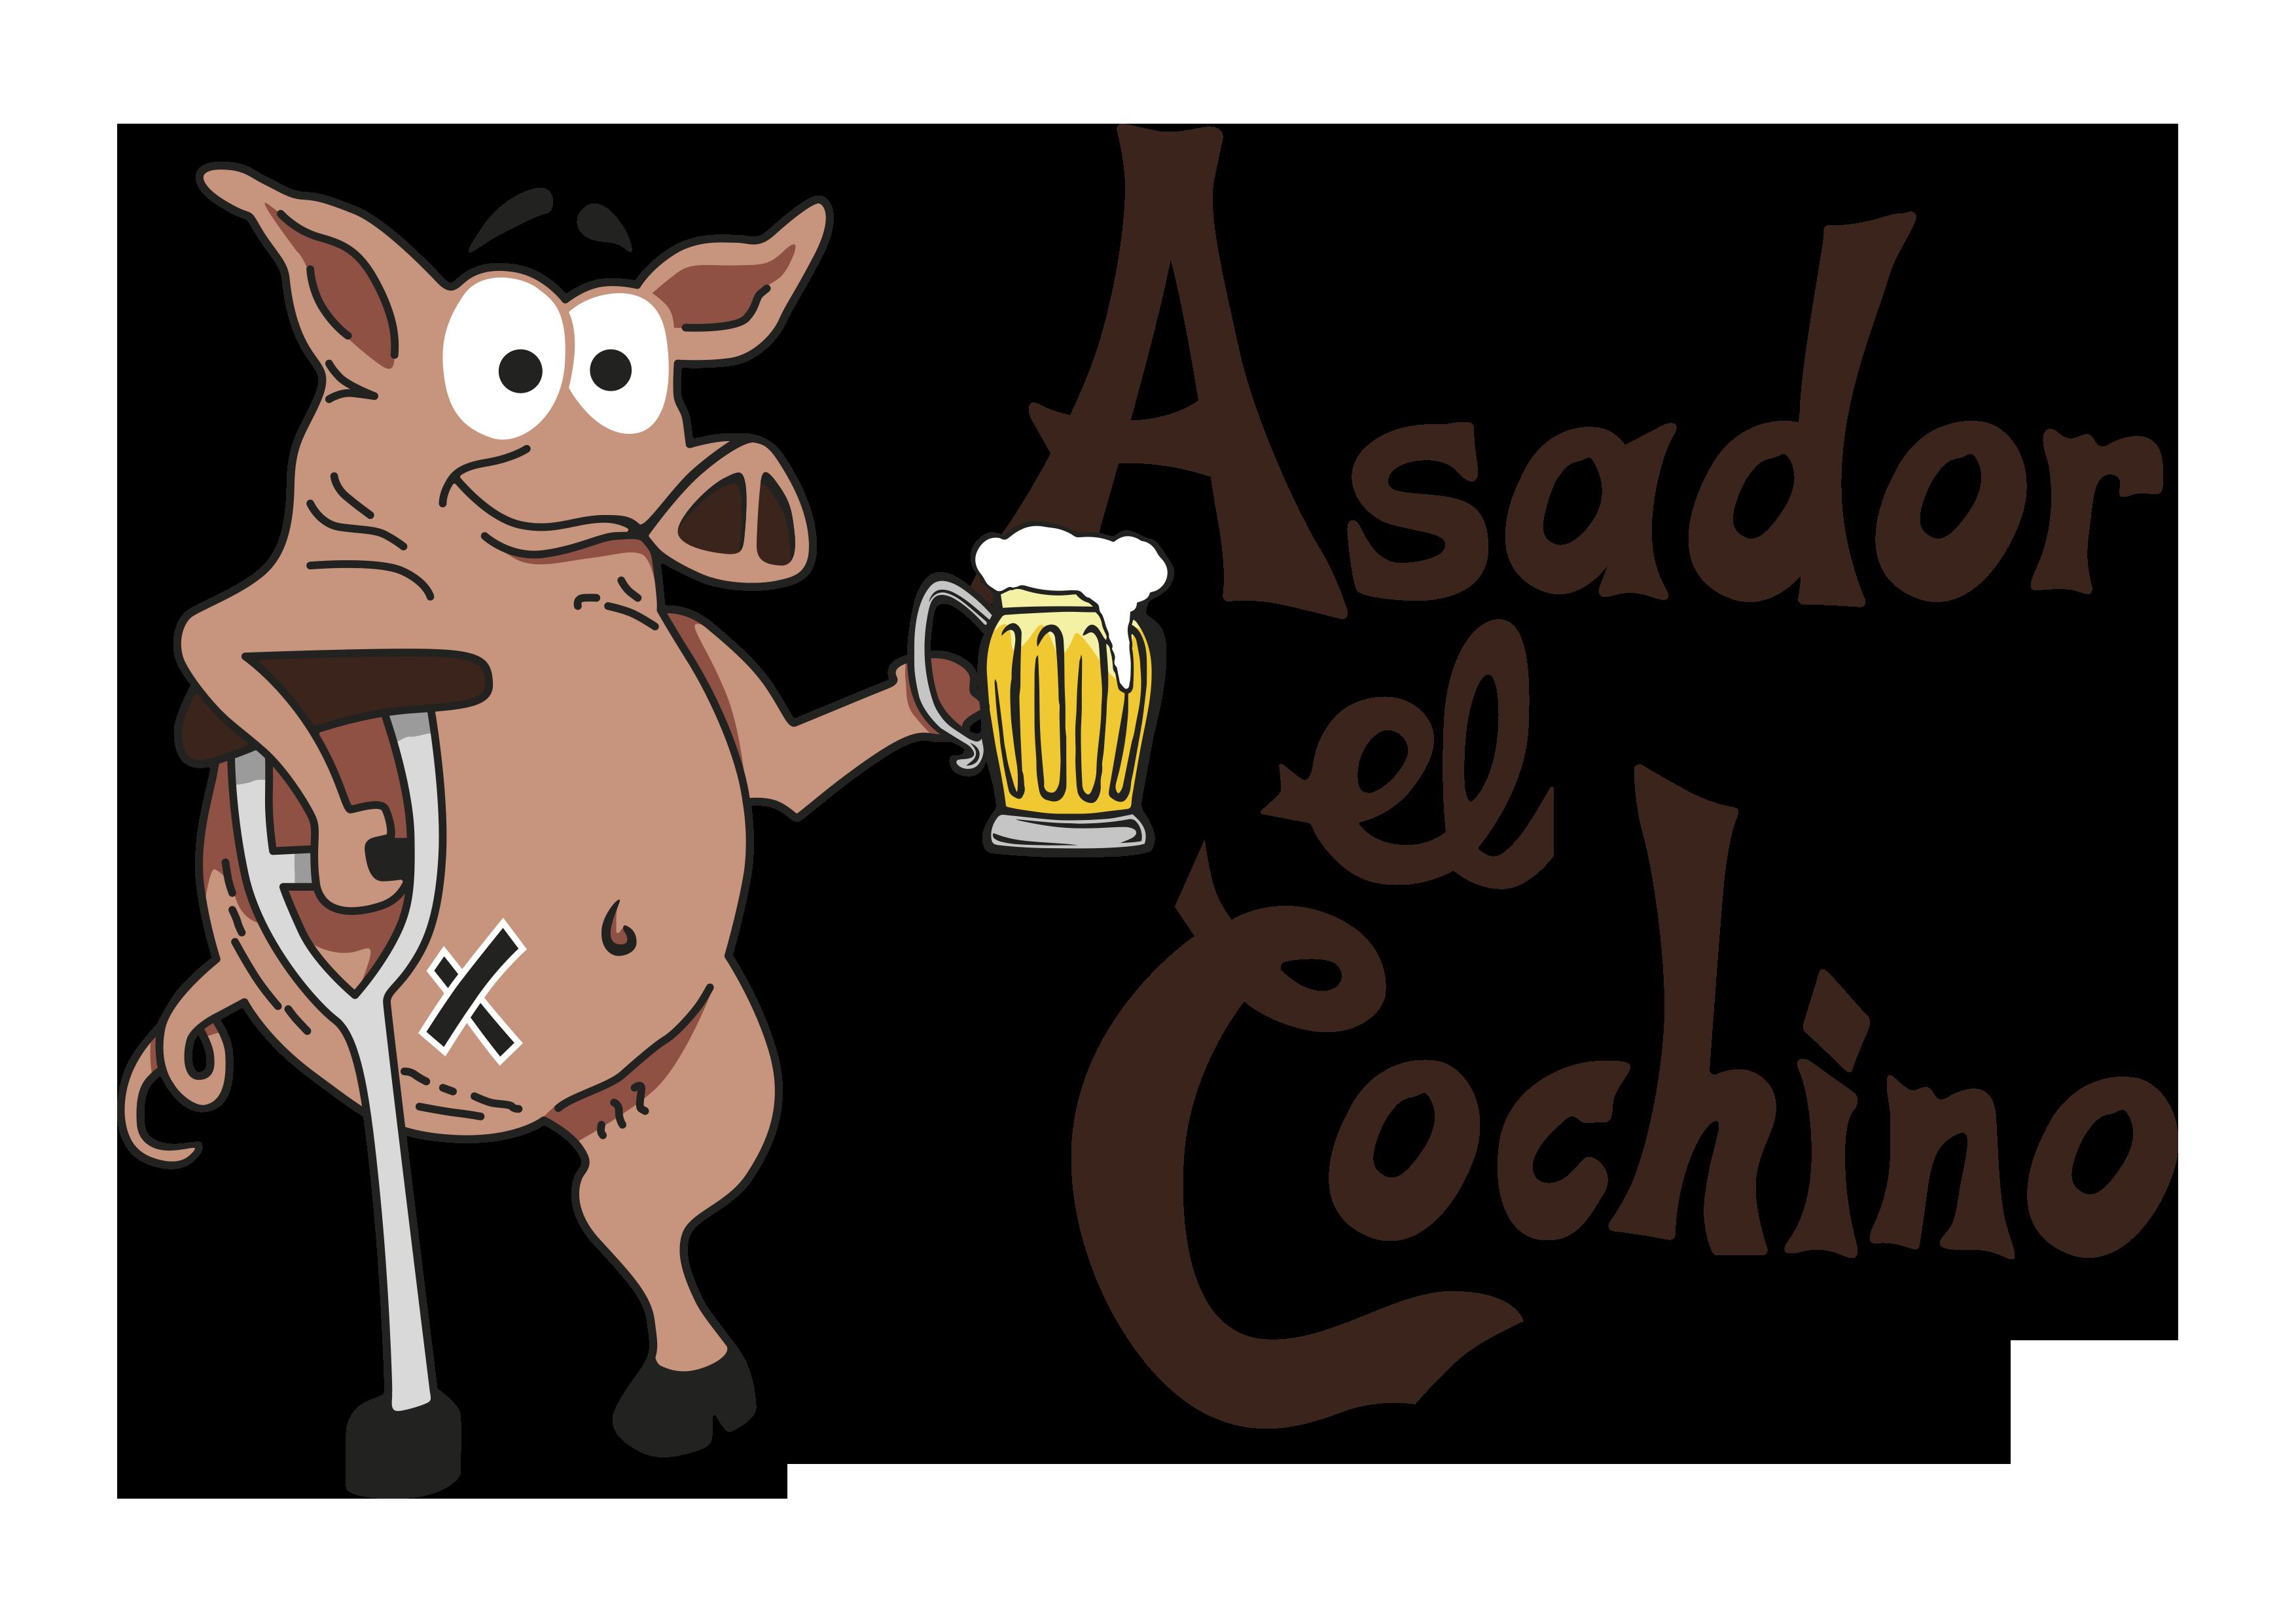 ASADOR EL COCHINO GRA